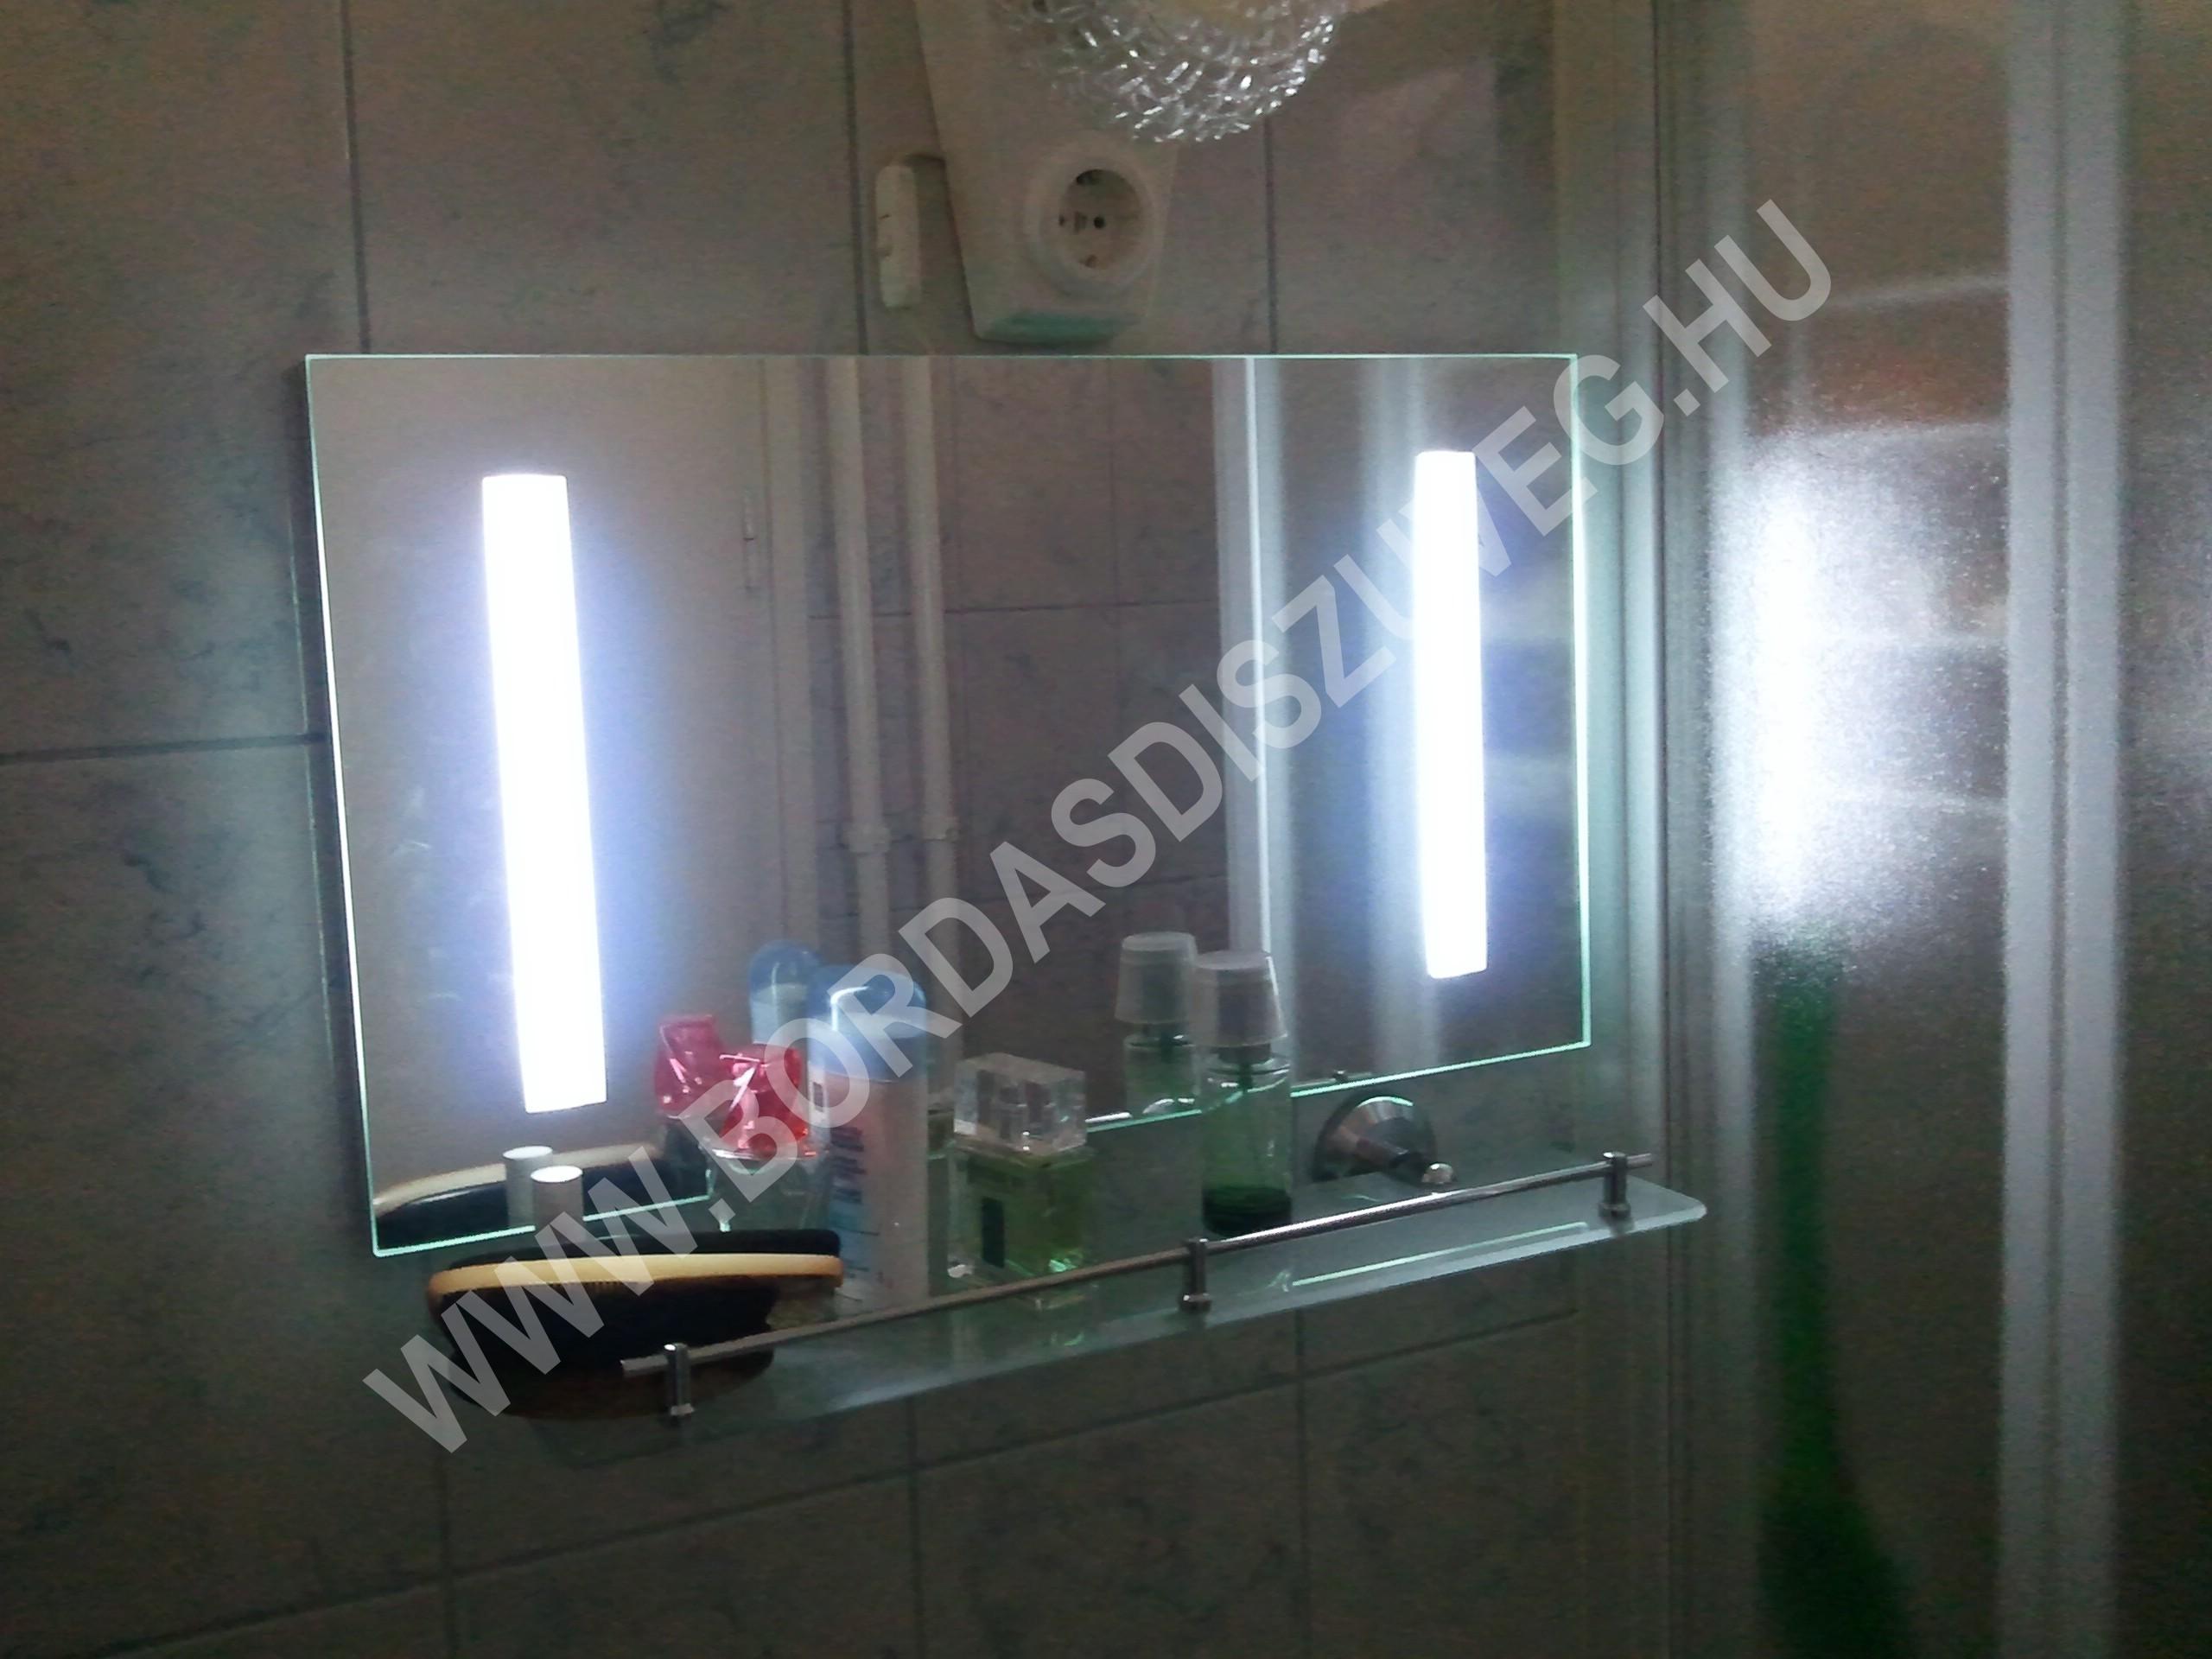 Egyedi tükör - Dísztükör - előszoba tükör - fürdőszoba tükör - . : : Homokfújt savmart ...